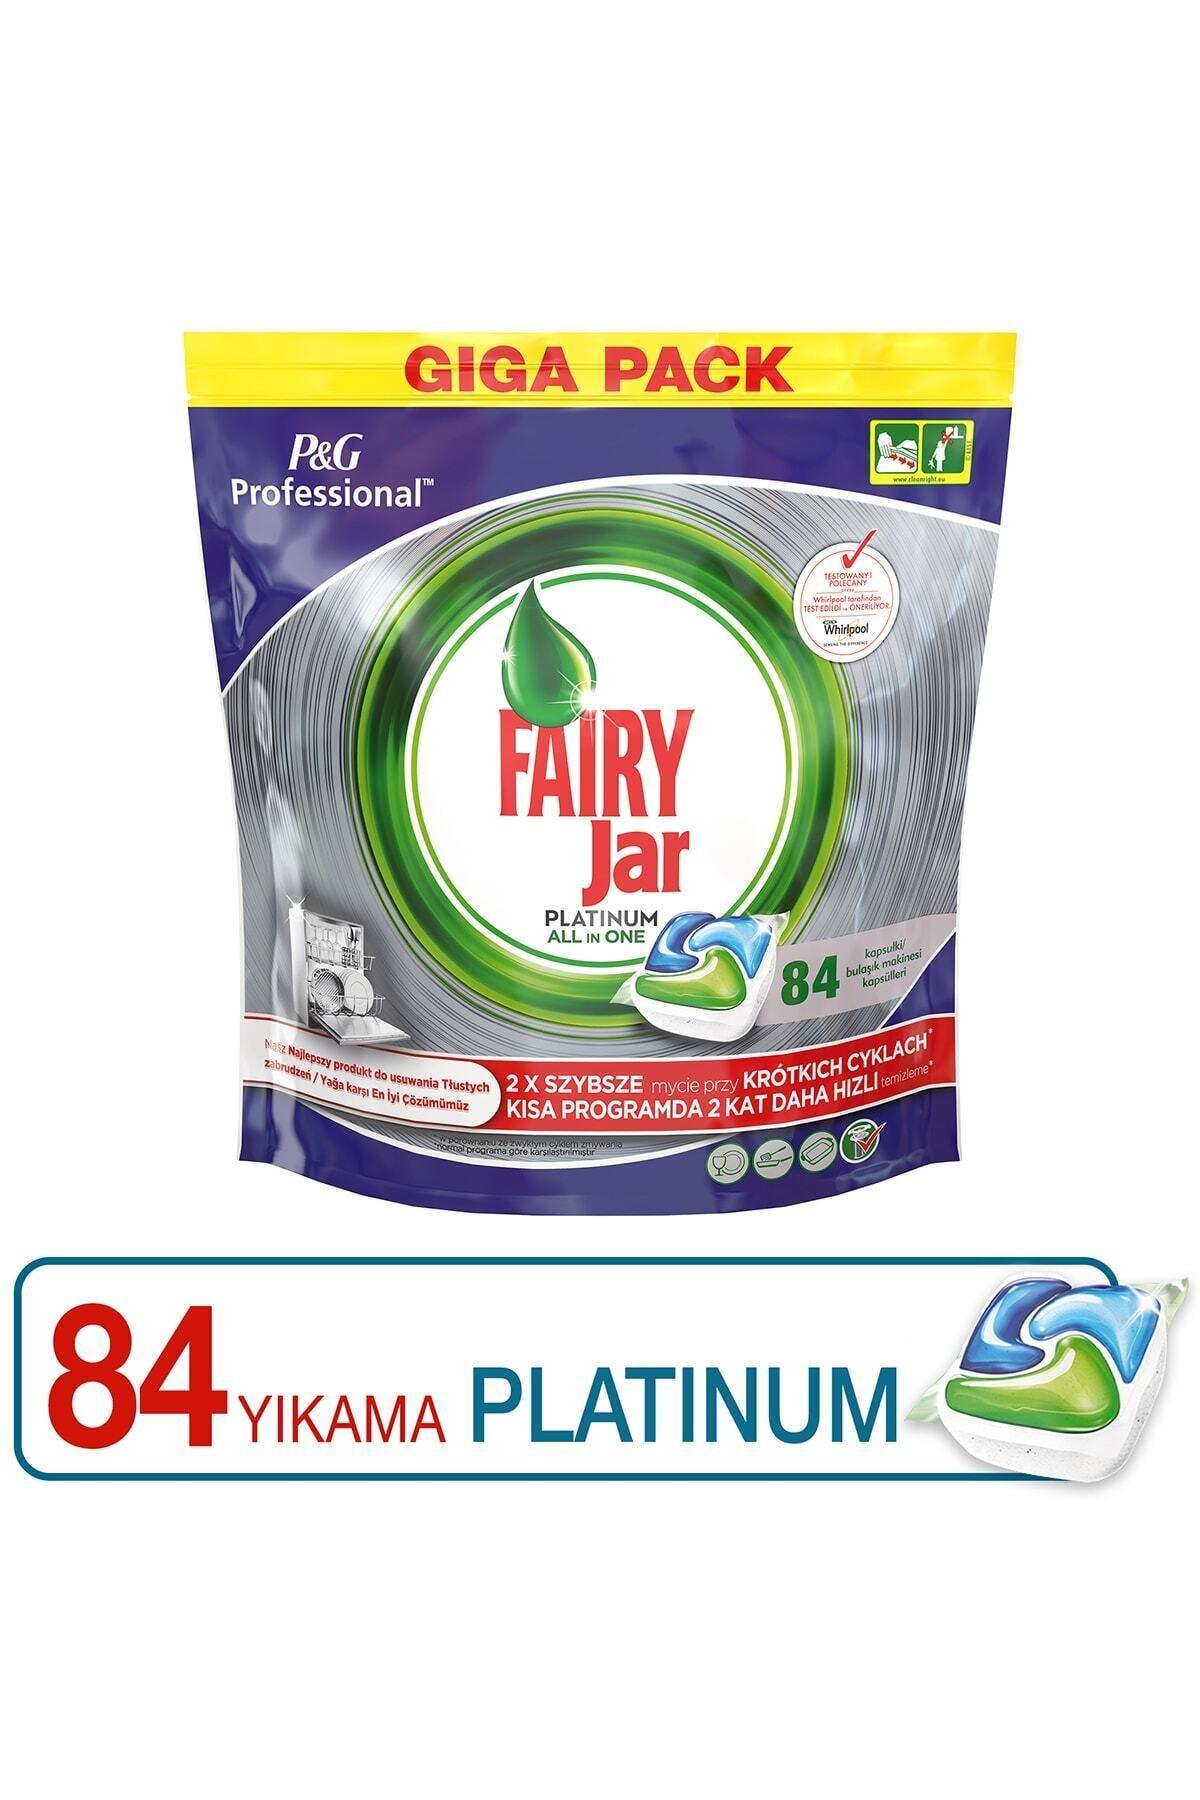 Fairy Professional 84 Yıkama Platinum Bulaşık Makinesi Deterjanı Kapsülü 2